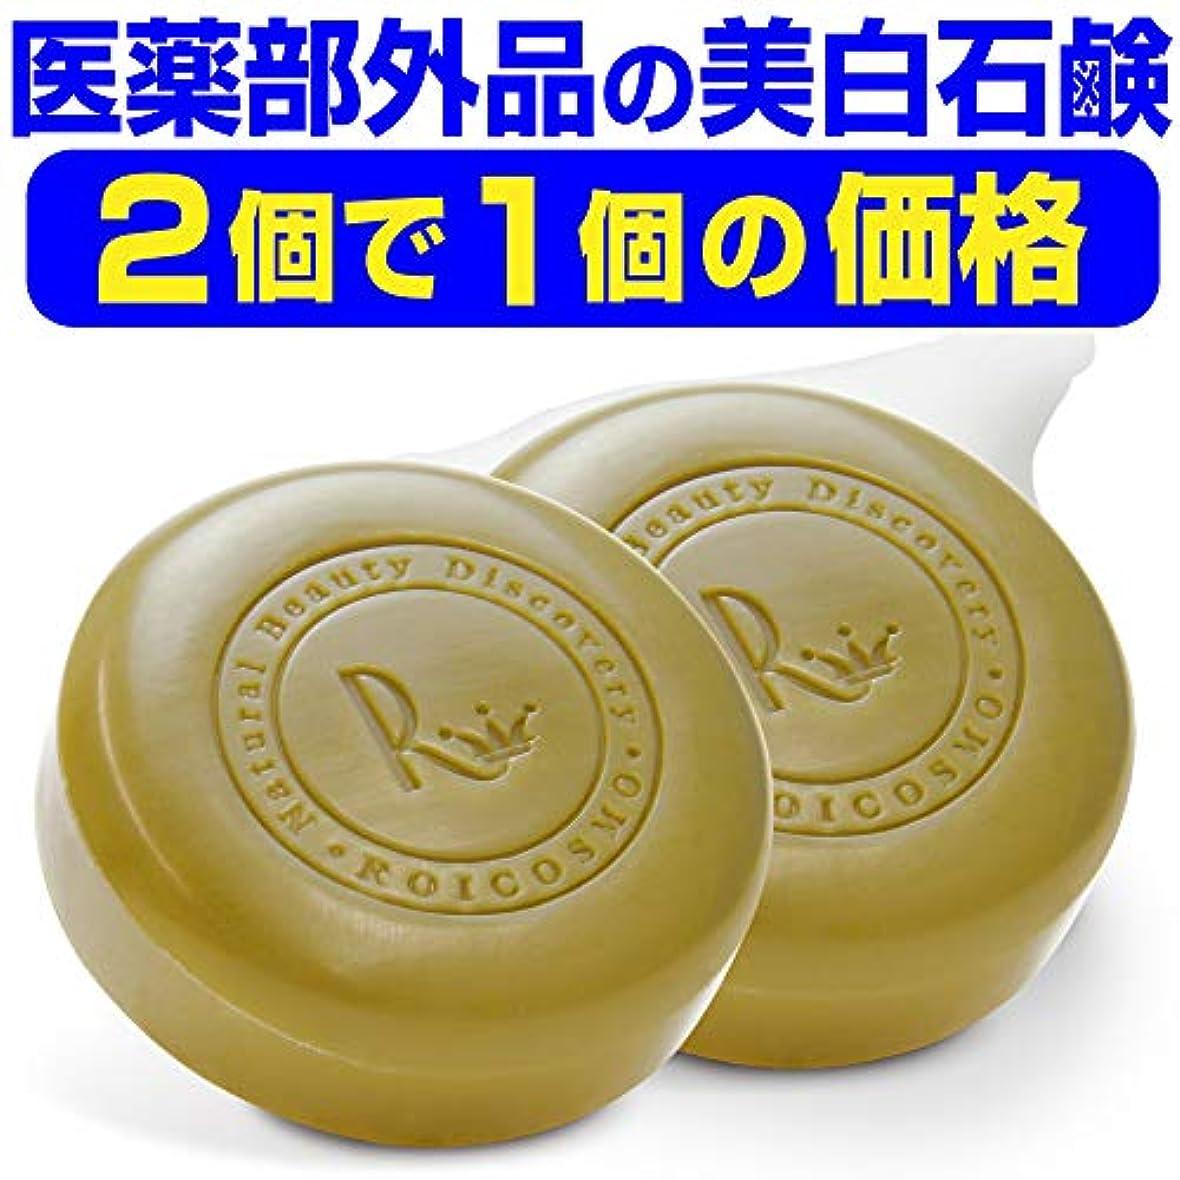 習熟度感心する更新する2個で1個の価格(実質50%OFF) ビタミンC270倍の美白成分配合『ホワイトソープ100g×2個で1個の価格』